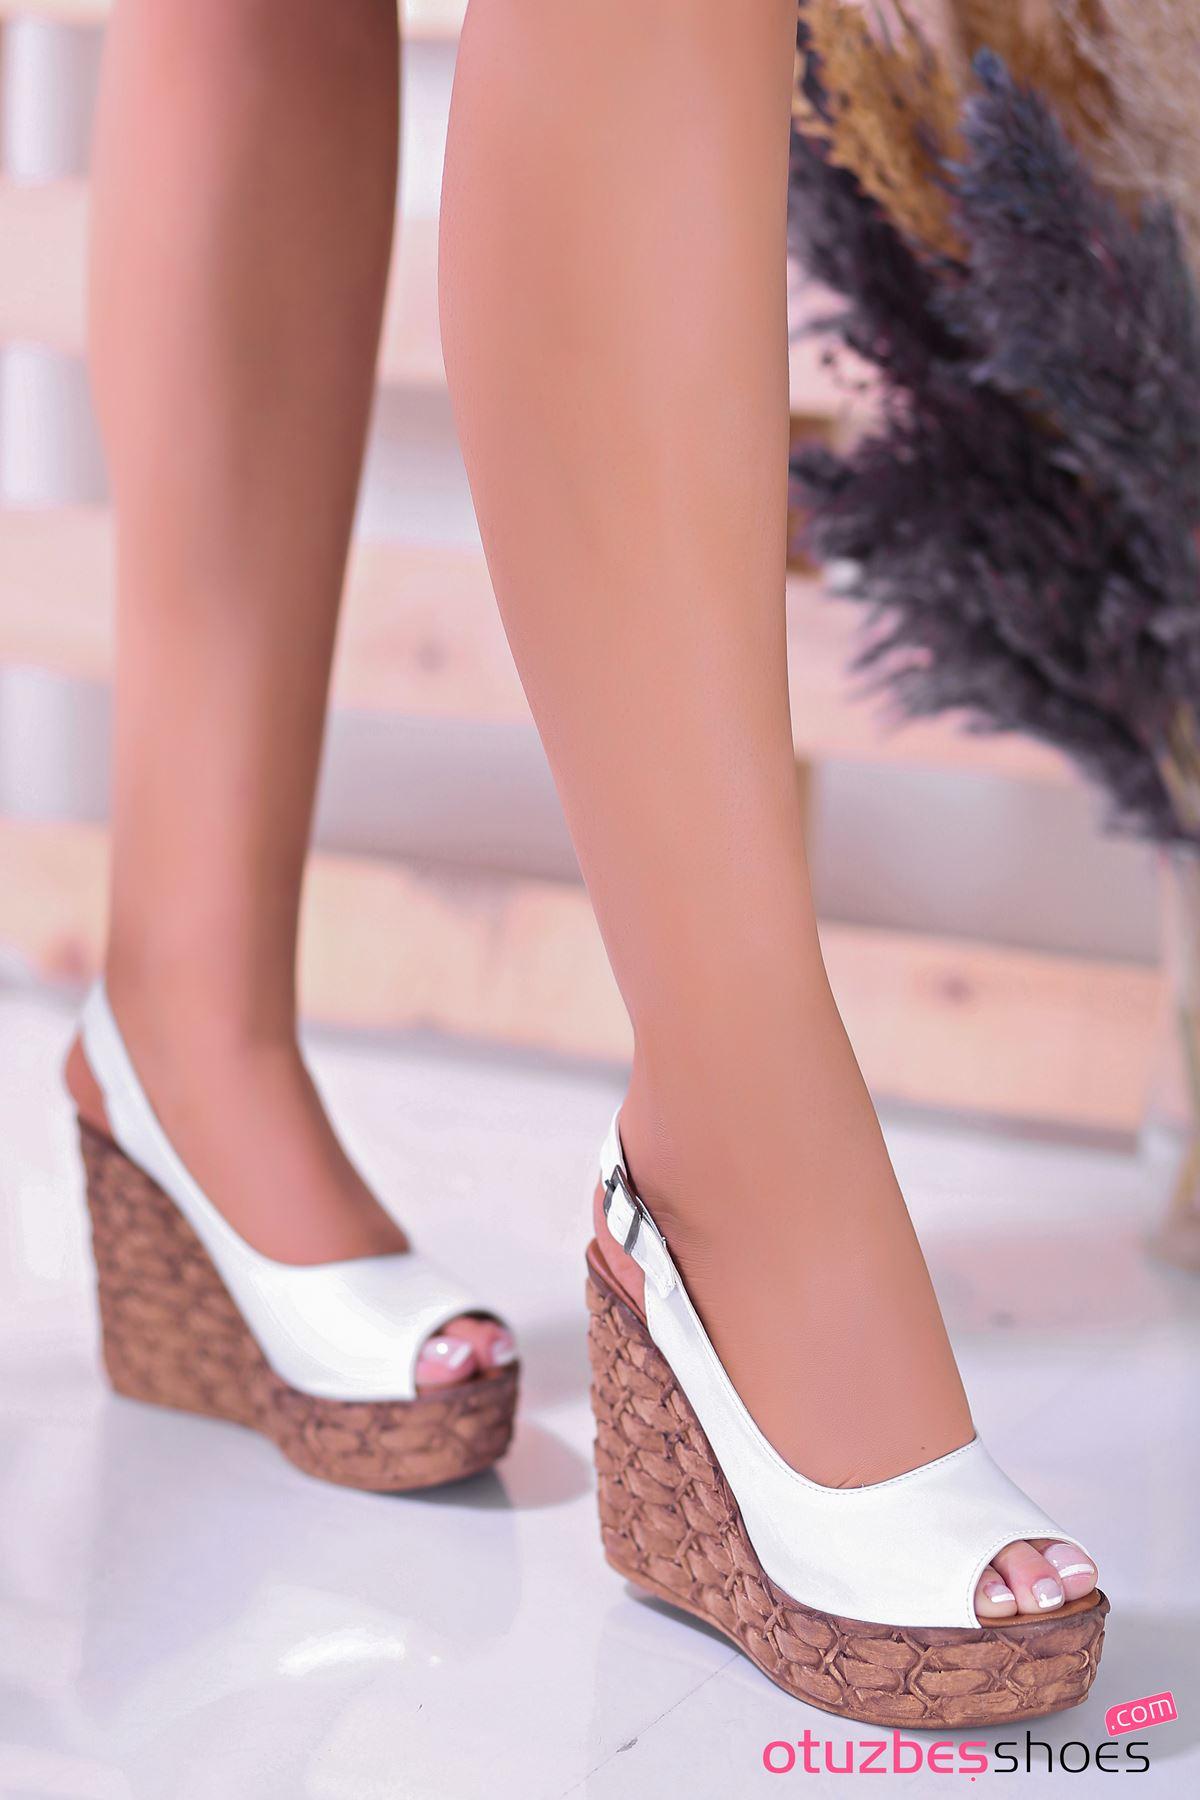 Alonso Beyaz Dolgu Topuk Kadın Ayakkabı